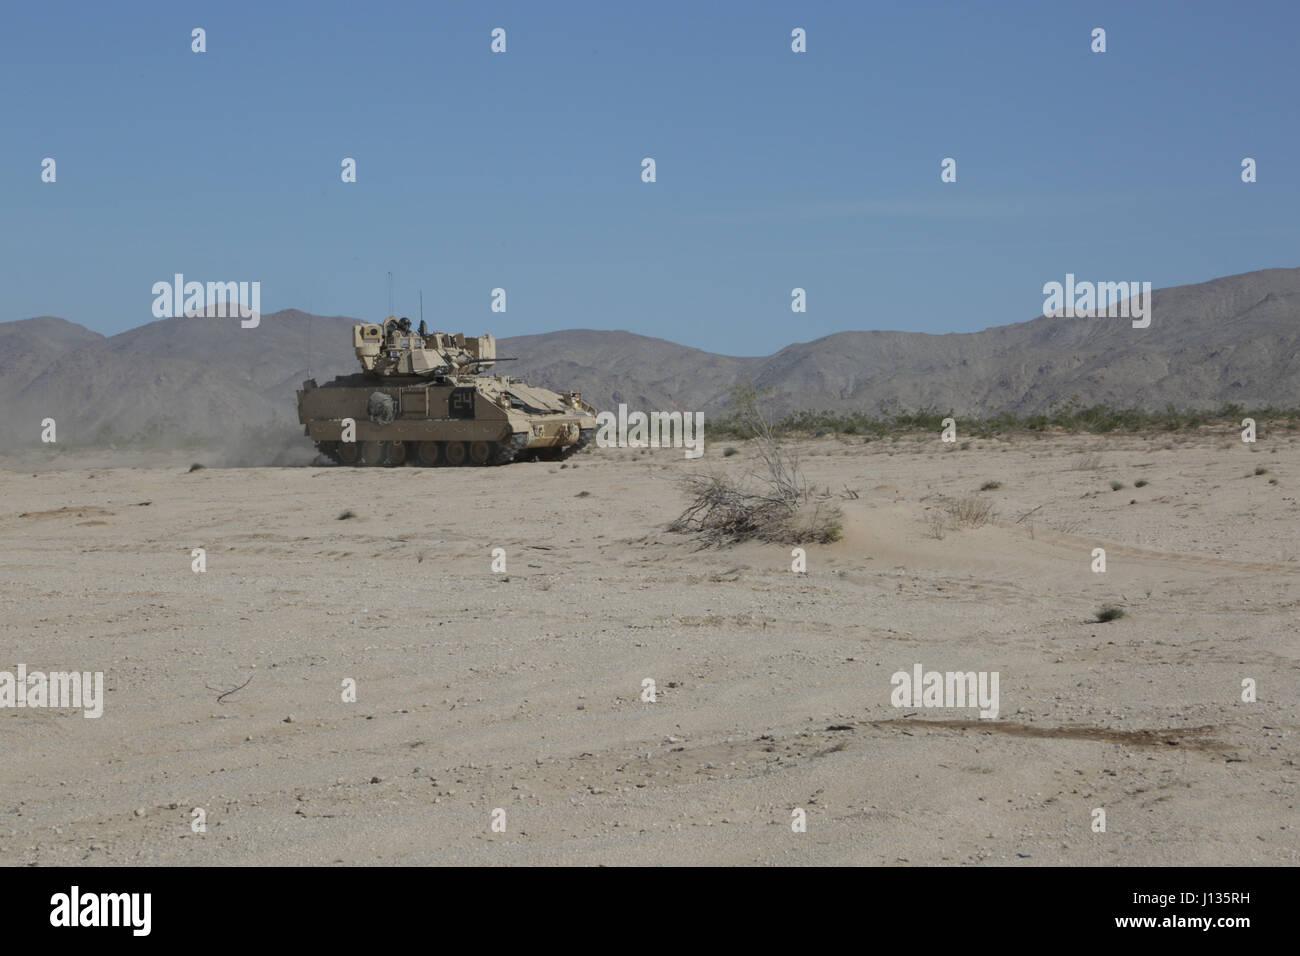 Des soldats américains affectés au 3e Bataillon, 69e Régiment d'armure, les mouvements à l'intérieur d'une manœuvrabilité Banque D'Images